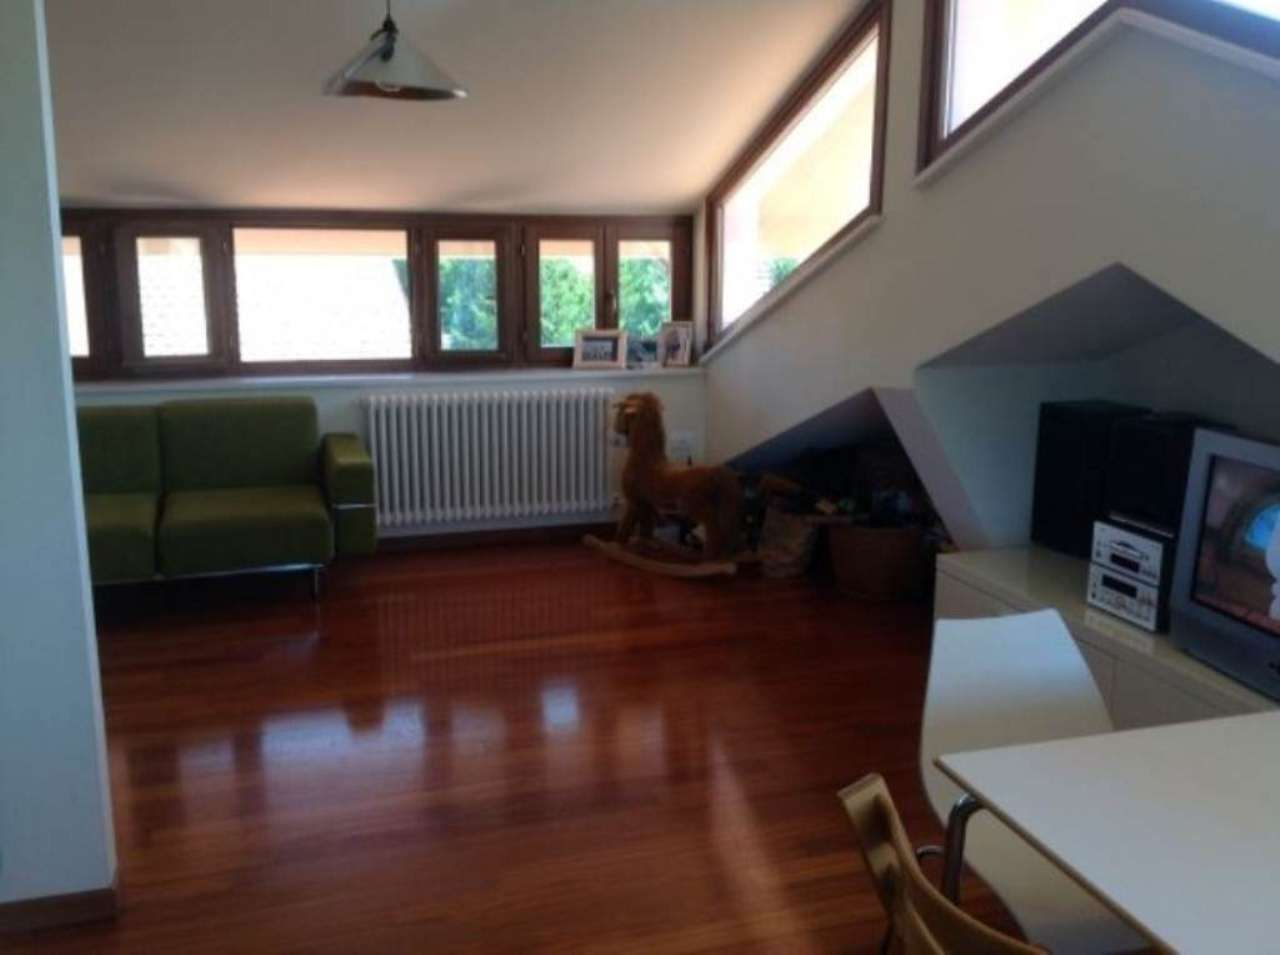 Attico / Mansarda in vendita a Fano, 9999 locali, prezzo € 205.000 | Cambio Casa.it